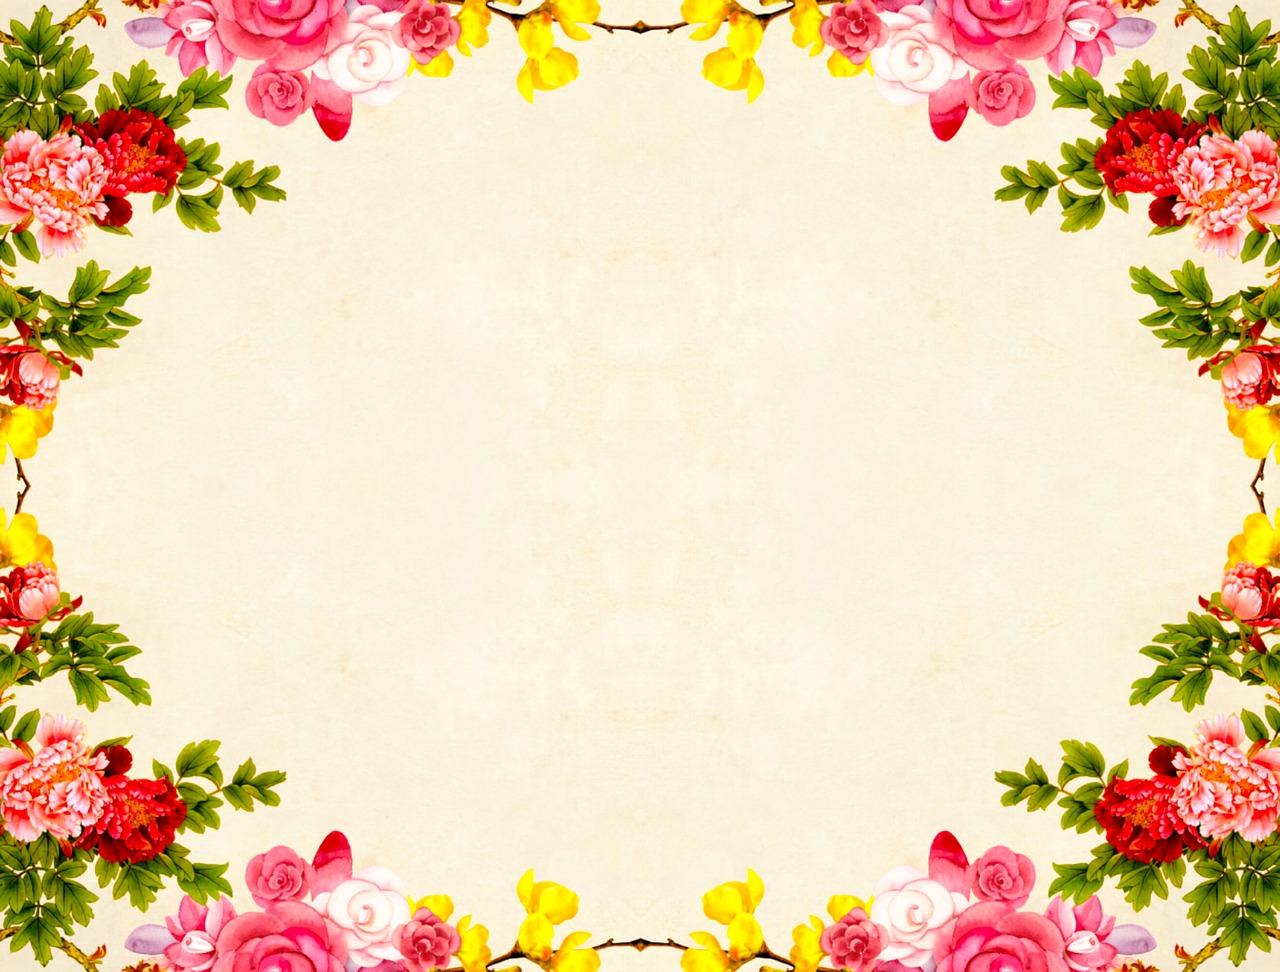 Открытки с розами по краям